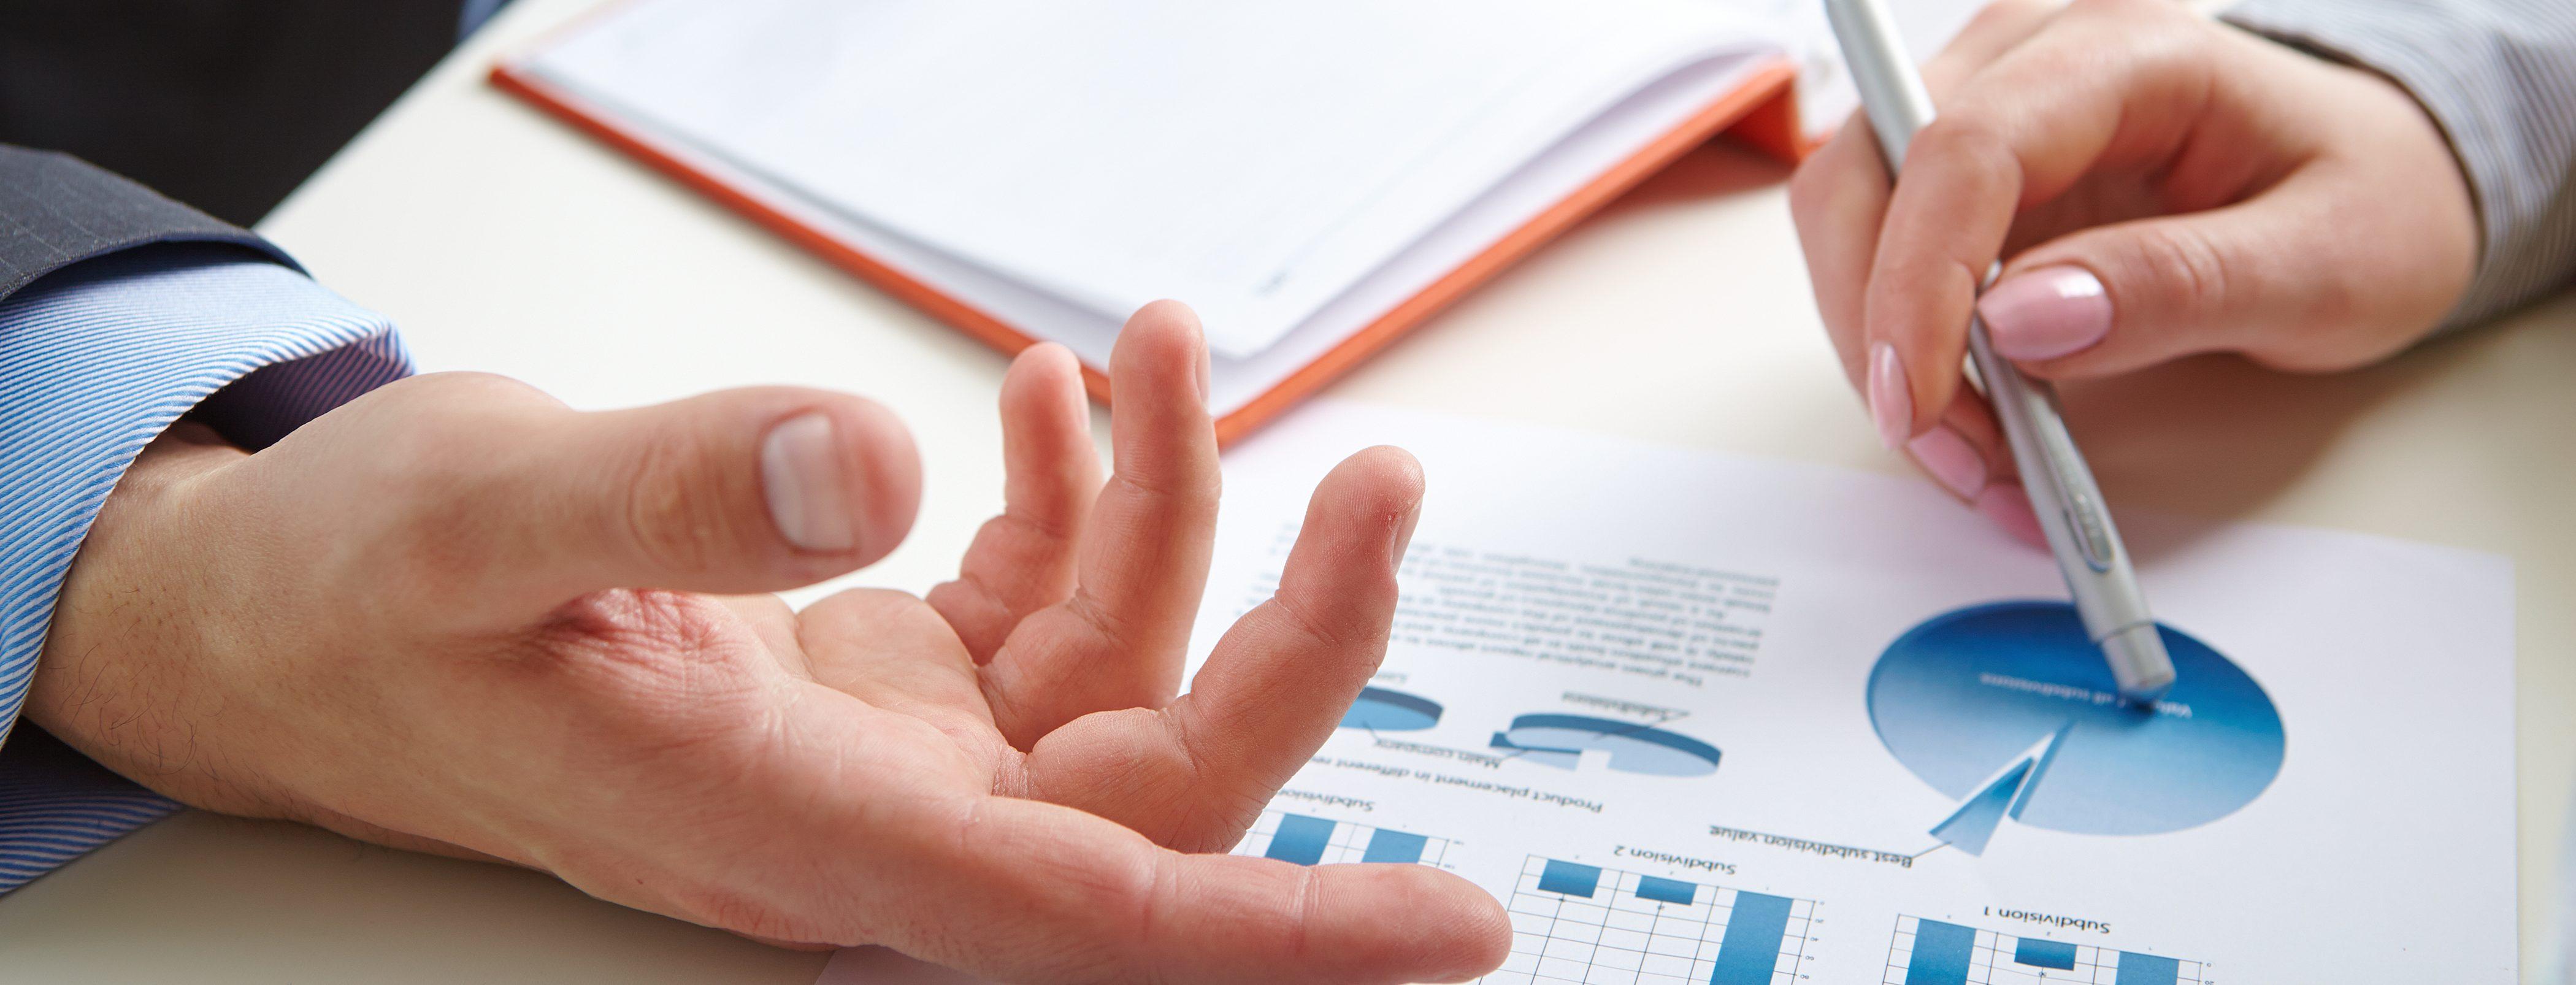 akuntansi online